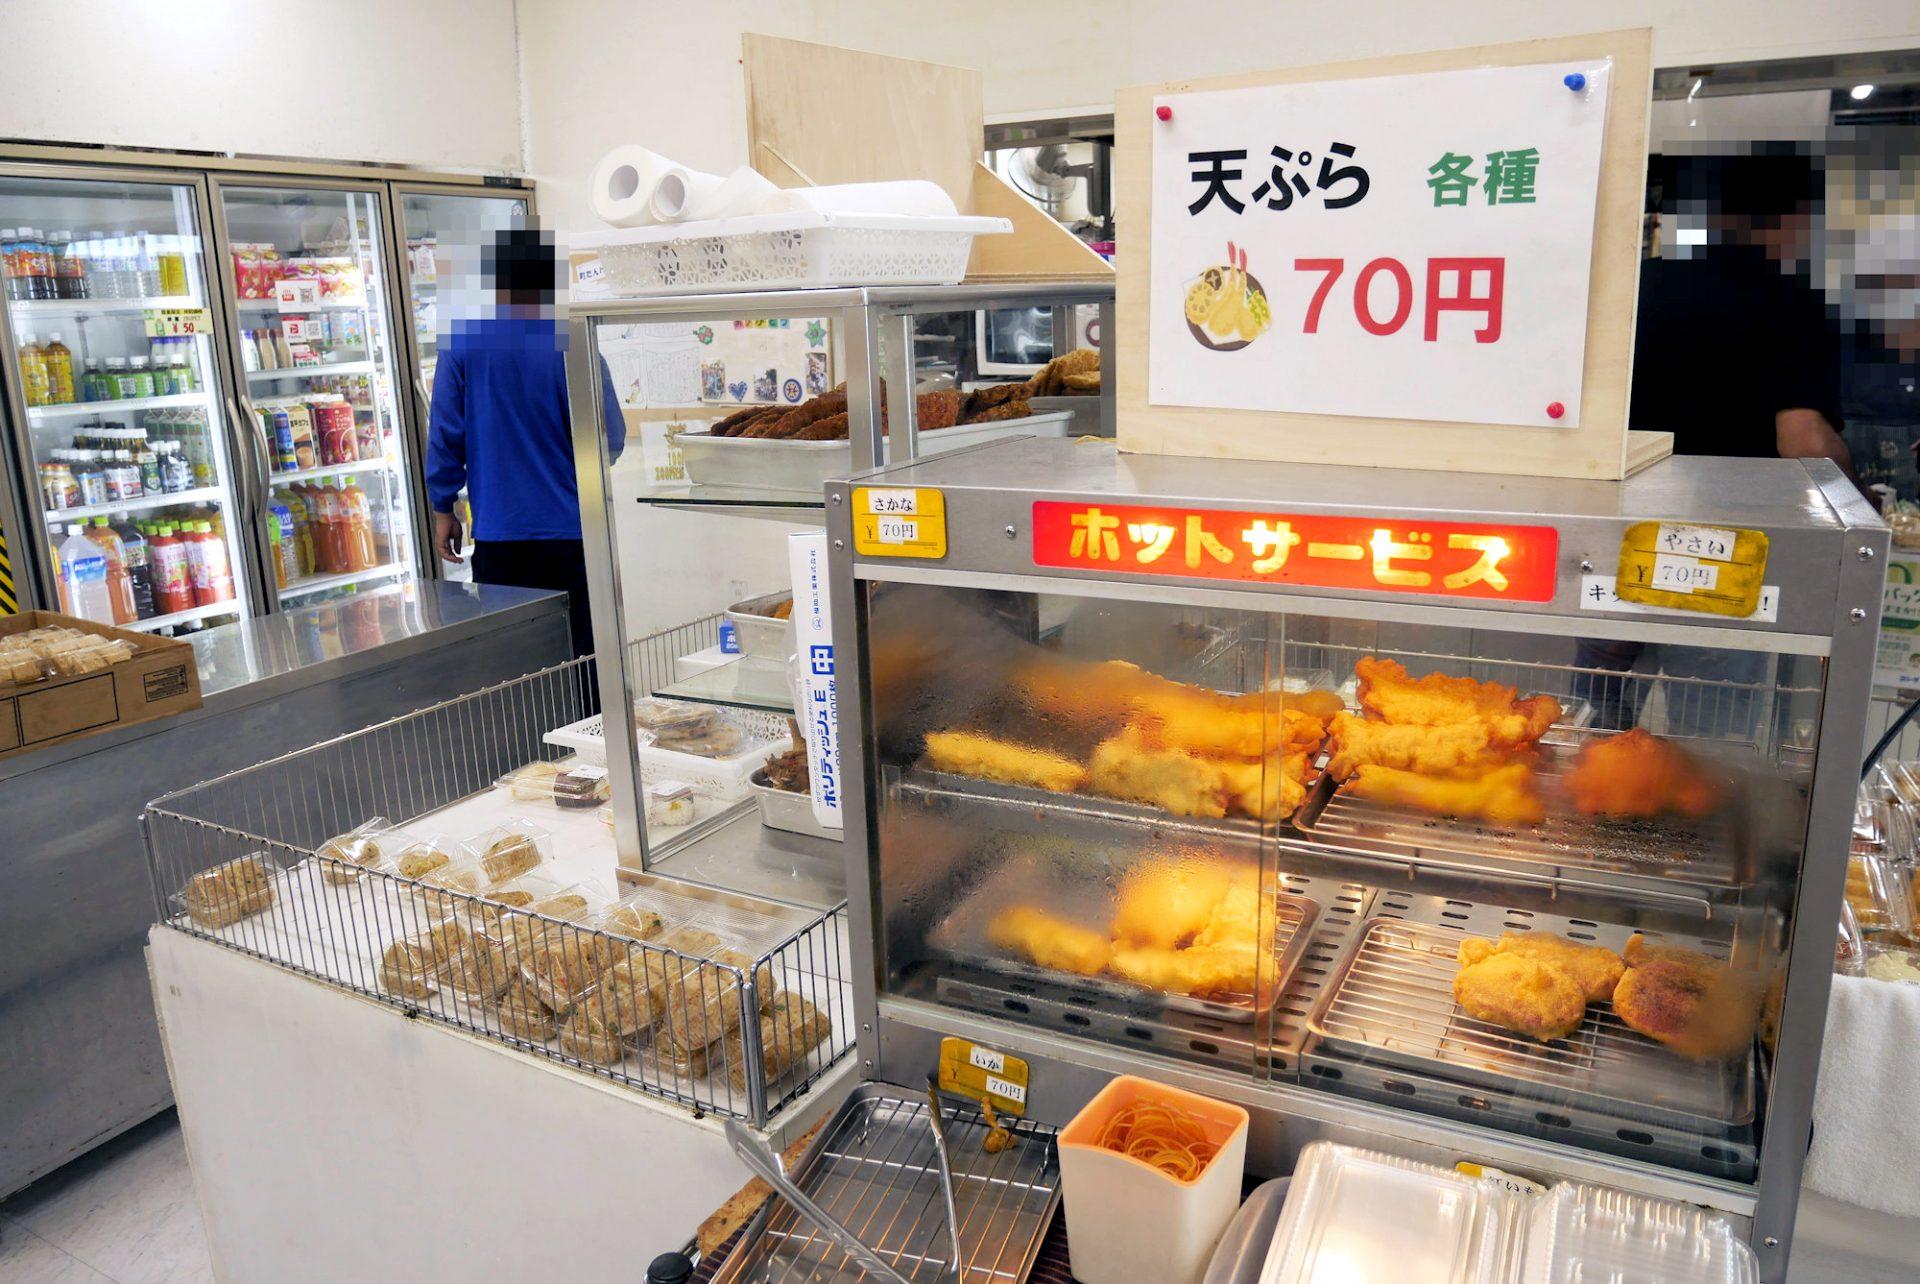 天ぷらやフライなどが温かいまま販売されています